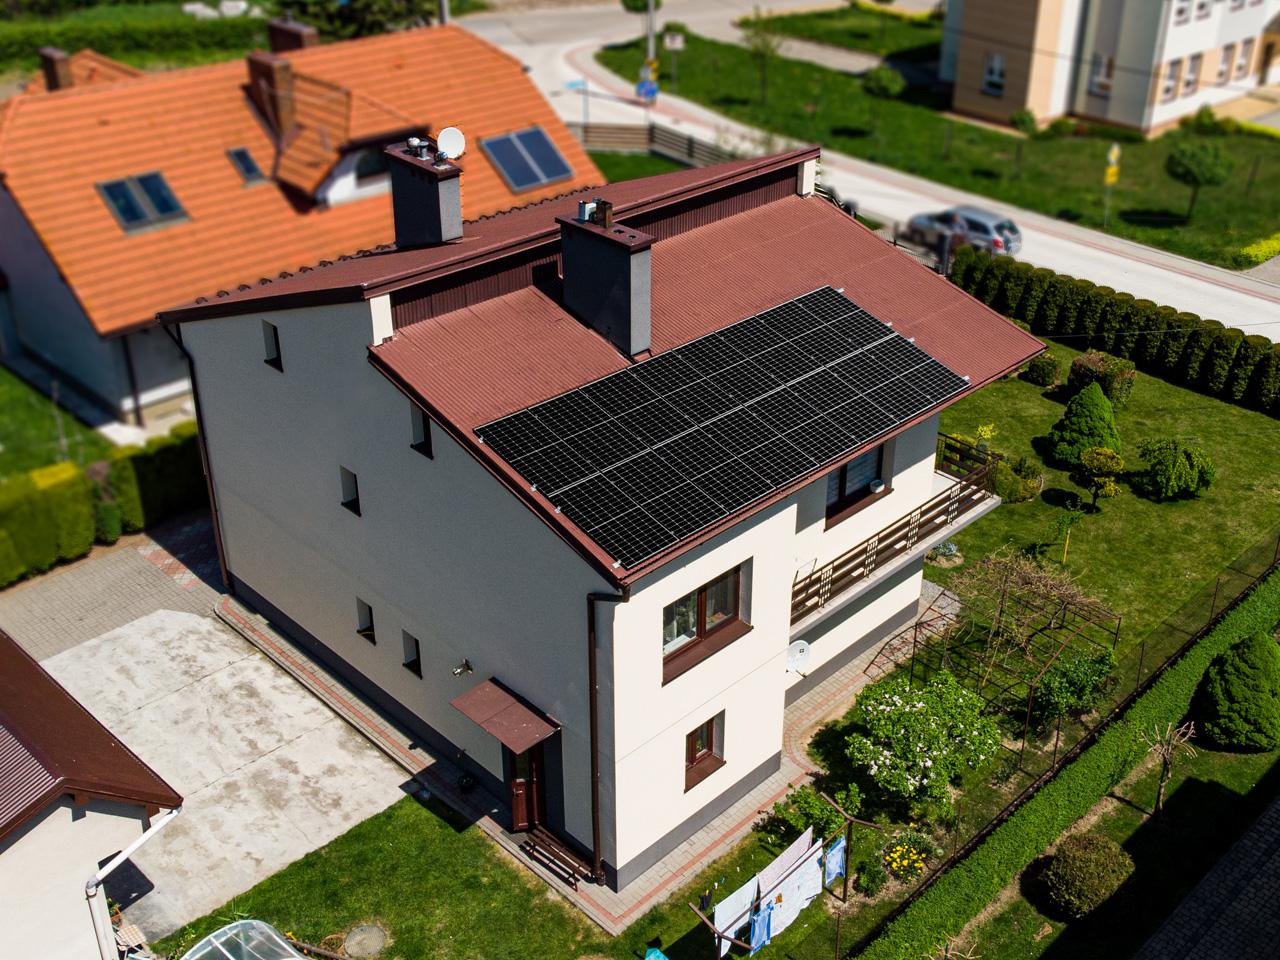 instalacja-fotowoltaiczna-foto-instal-montaz-paneli-slonecznych-debno-brzesko-tarnow-krakow-rzeszow-debica-nowy-sacz-malopolska-podkarpacie-longi-solar-sofar-fronius-huawei-1